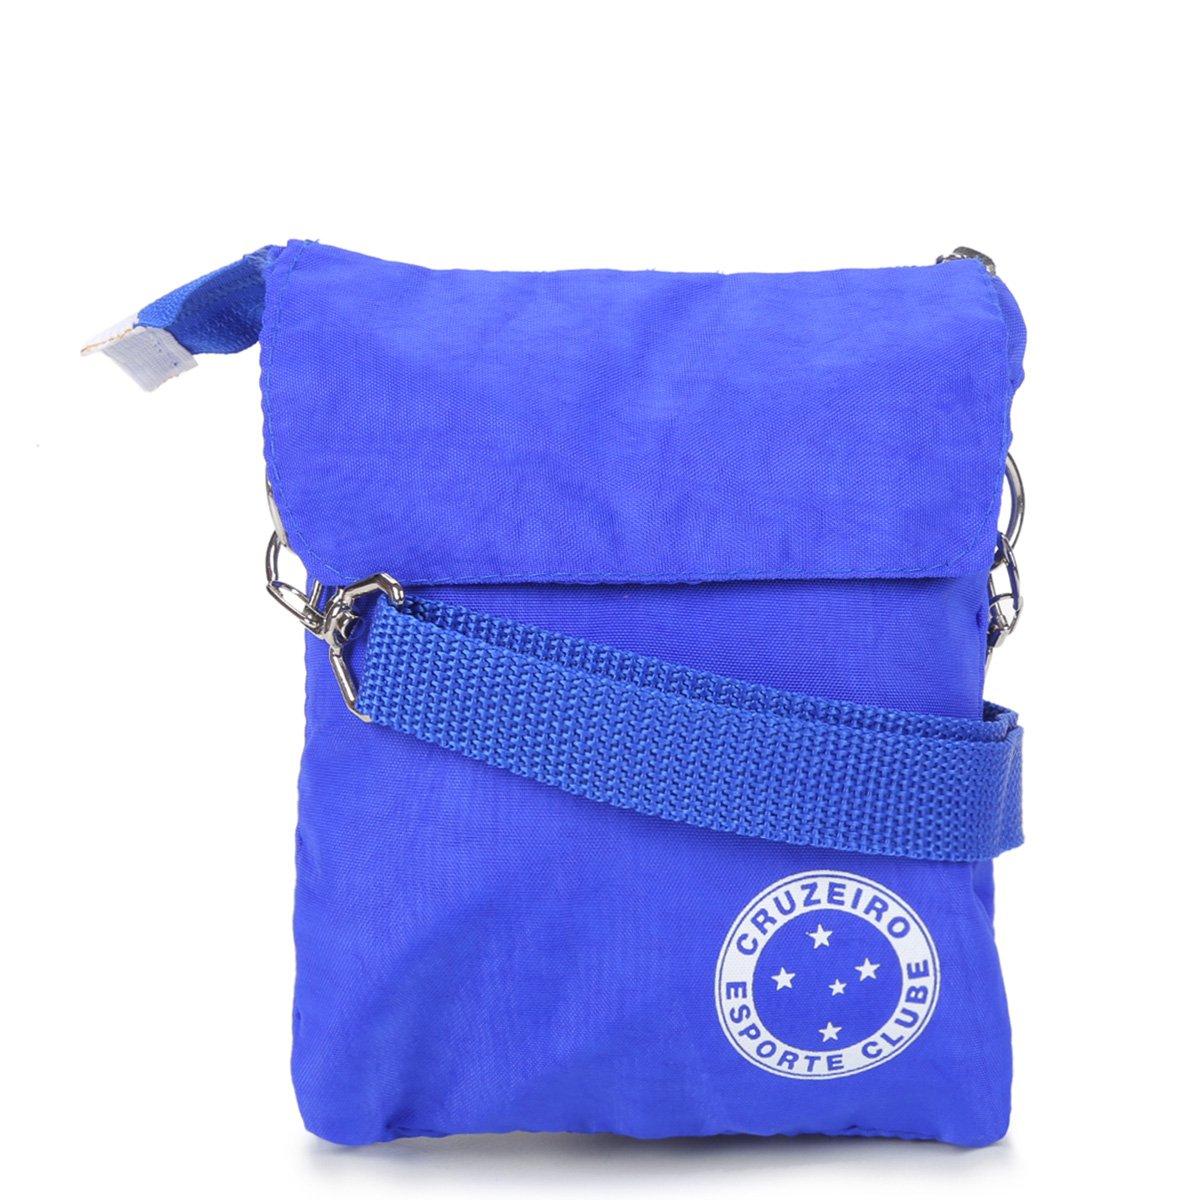 Shoulder Bag Cruzeiro